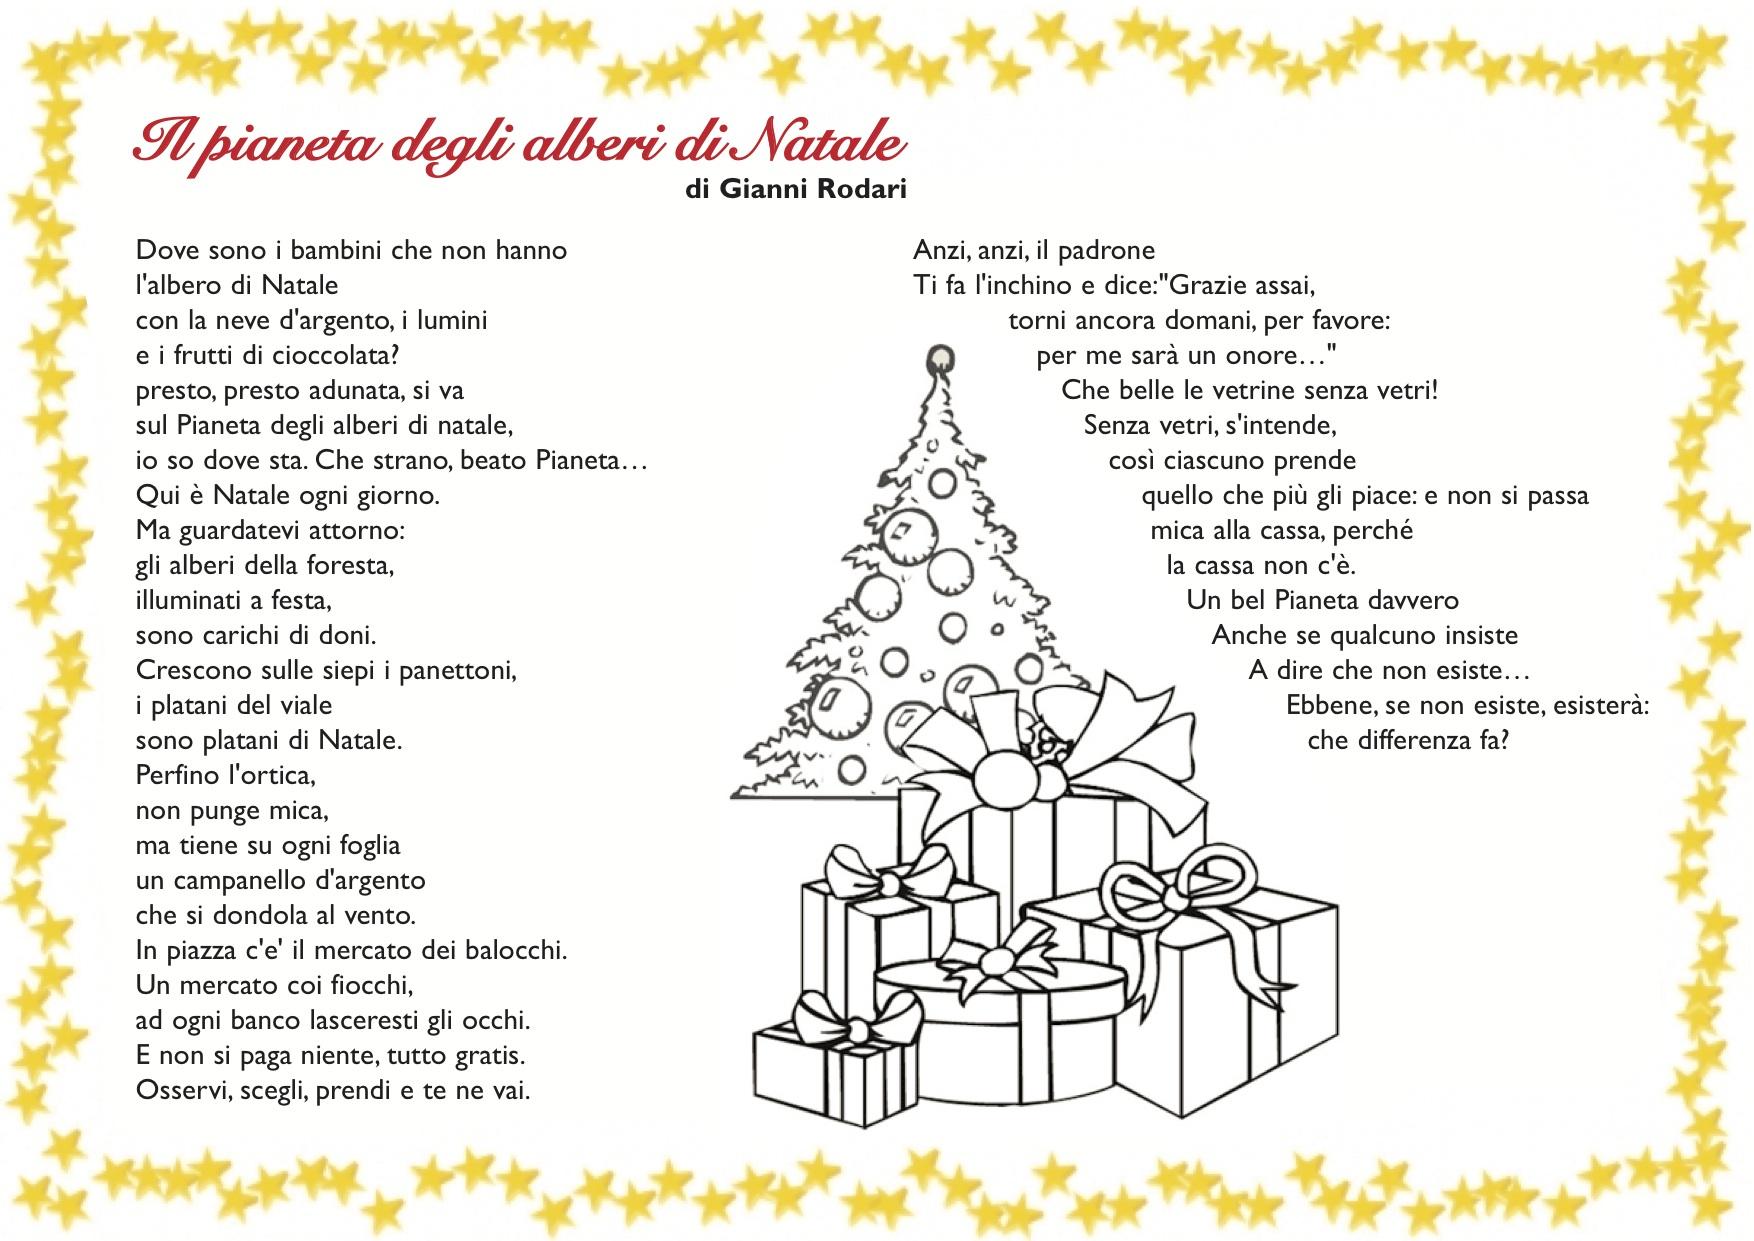 Le Piu Belle Poesie Di Natale Scuola Primaria.Favole E Poesie Di Natale Per I Bambini Di Roma Romabambina Org